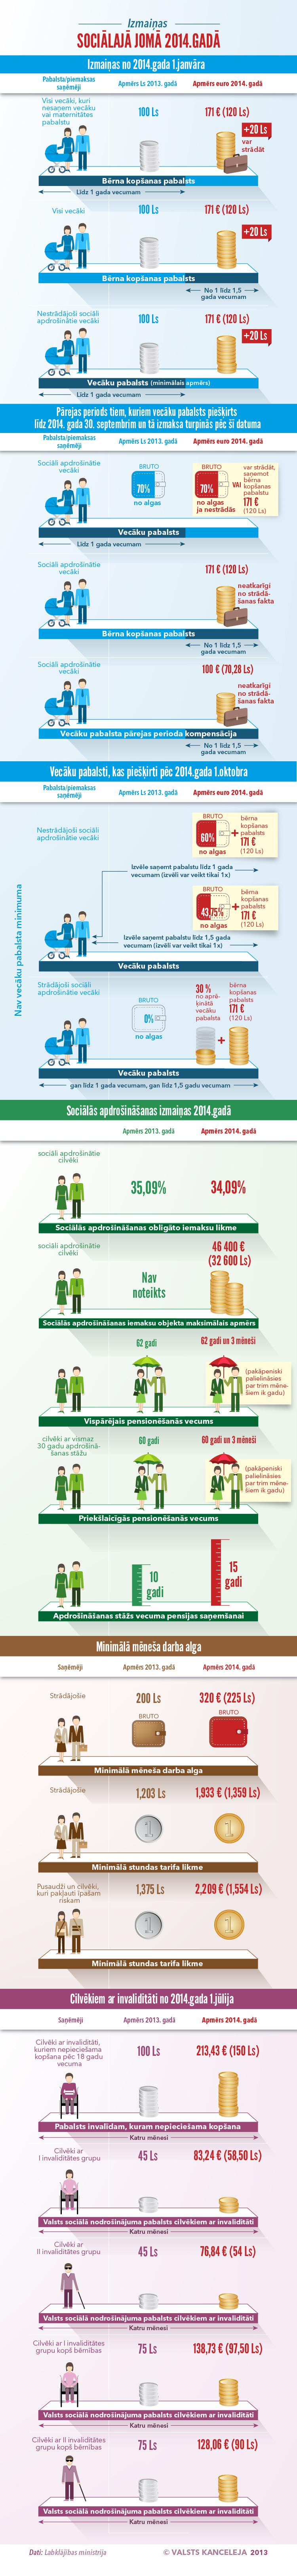 Infografika: Izmaiņas sociālajā jomā no 2014. gada